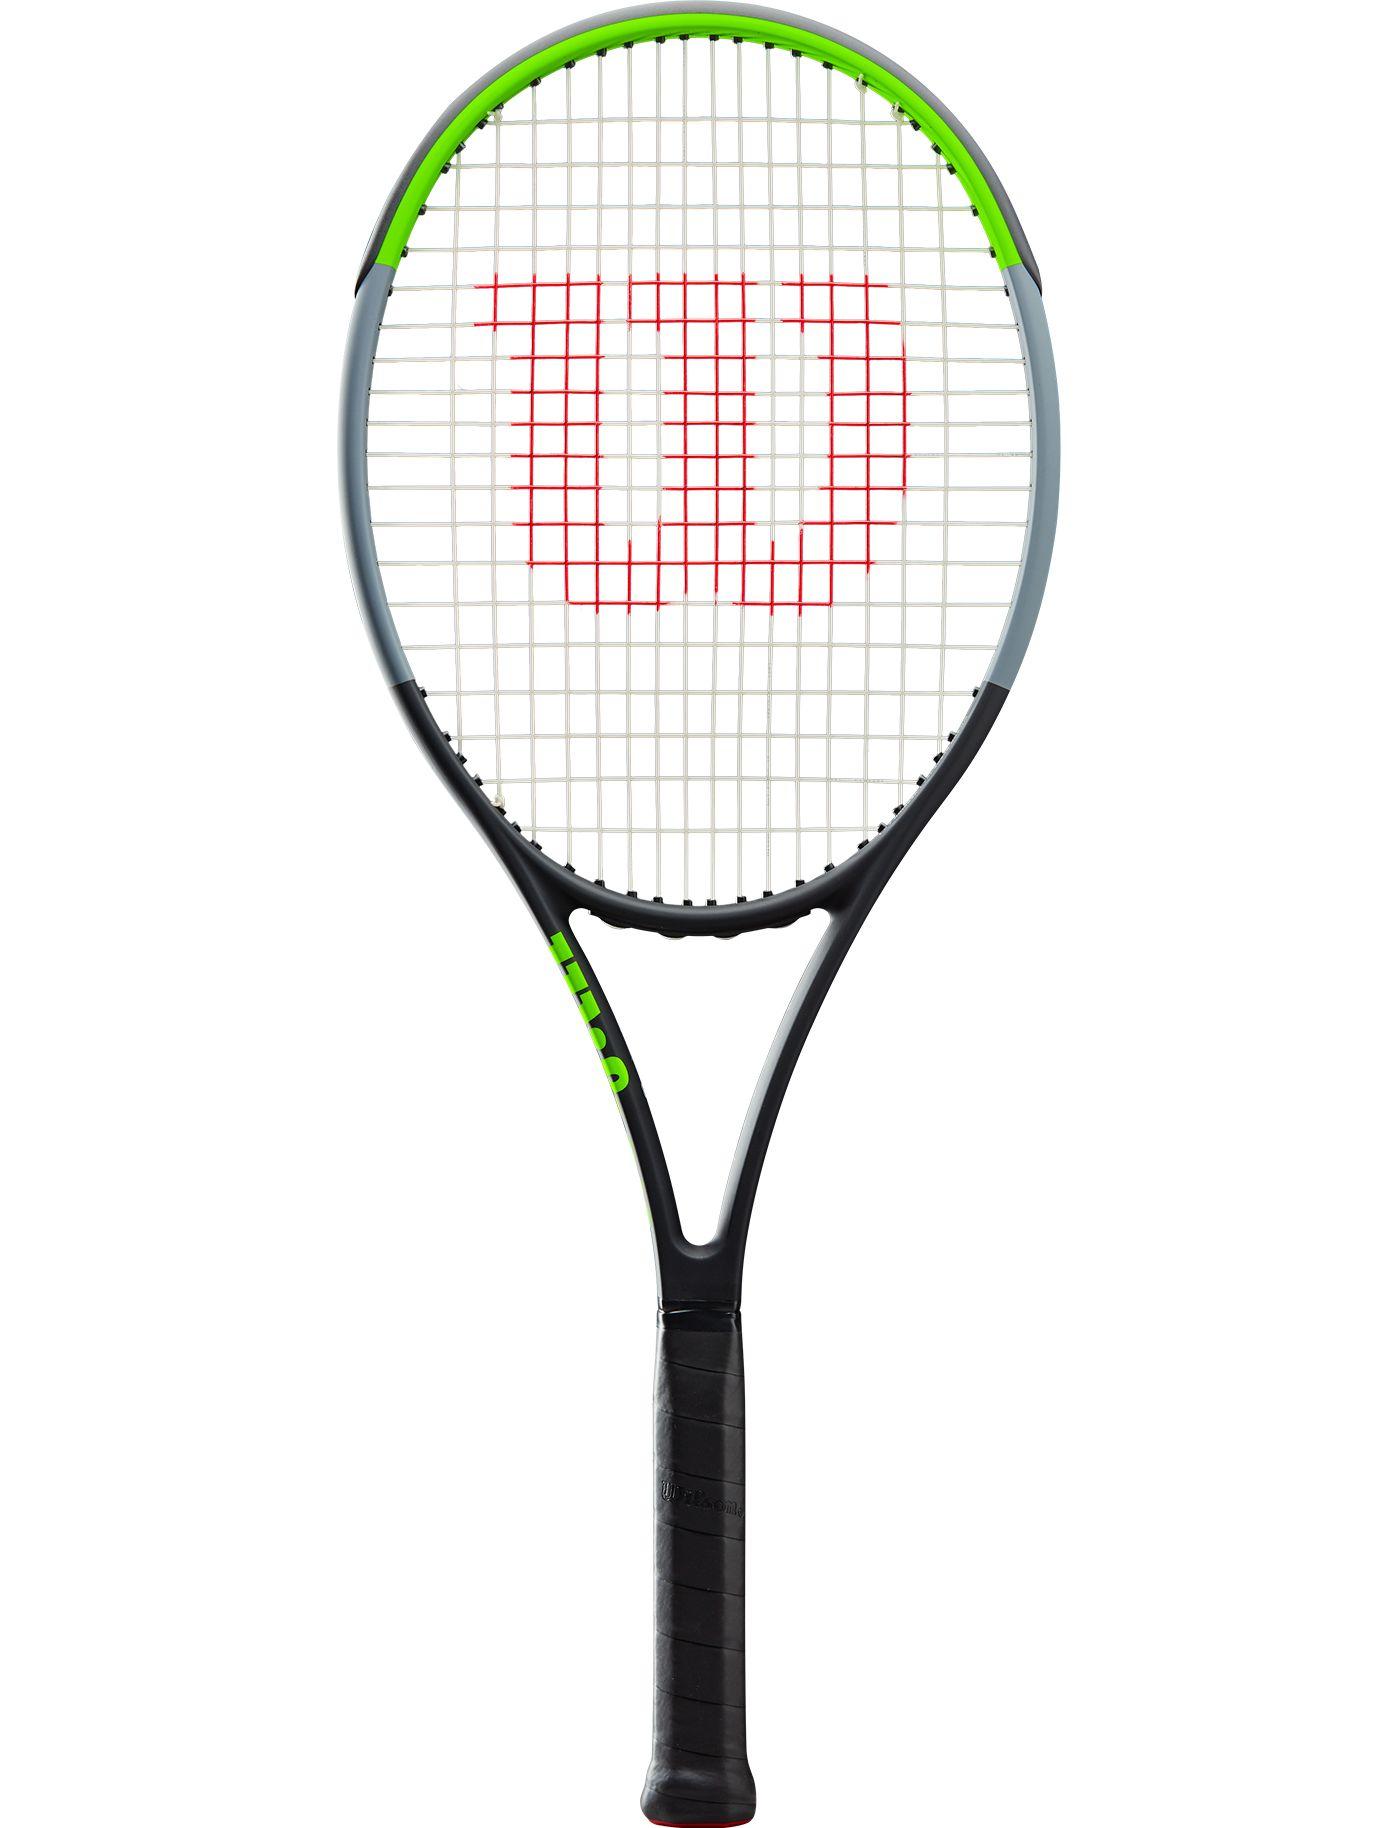 Wilson Blade 104 V7 Tennis Racquet - Unstrung